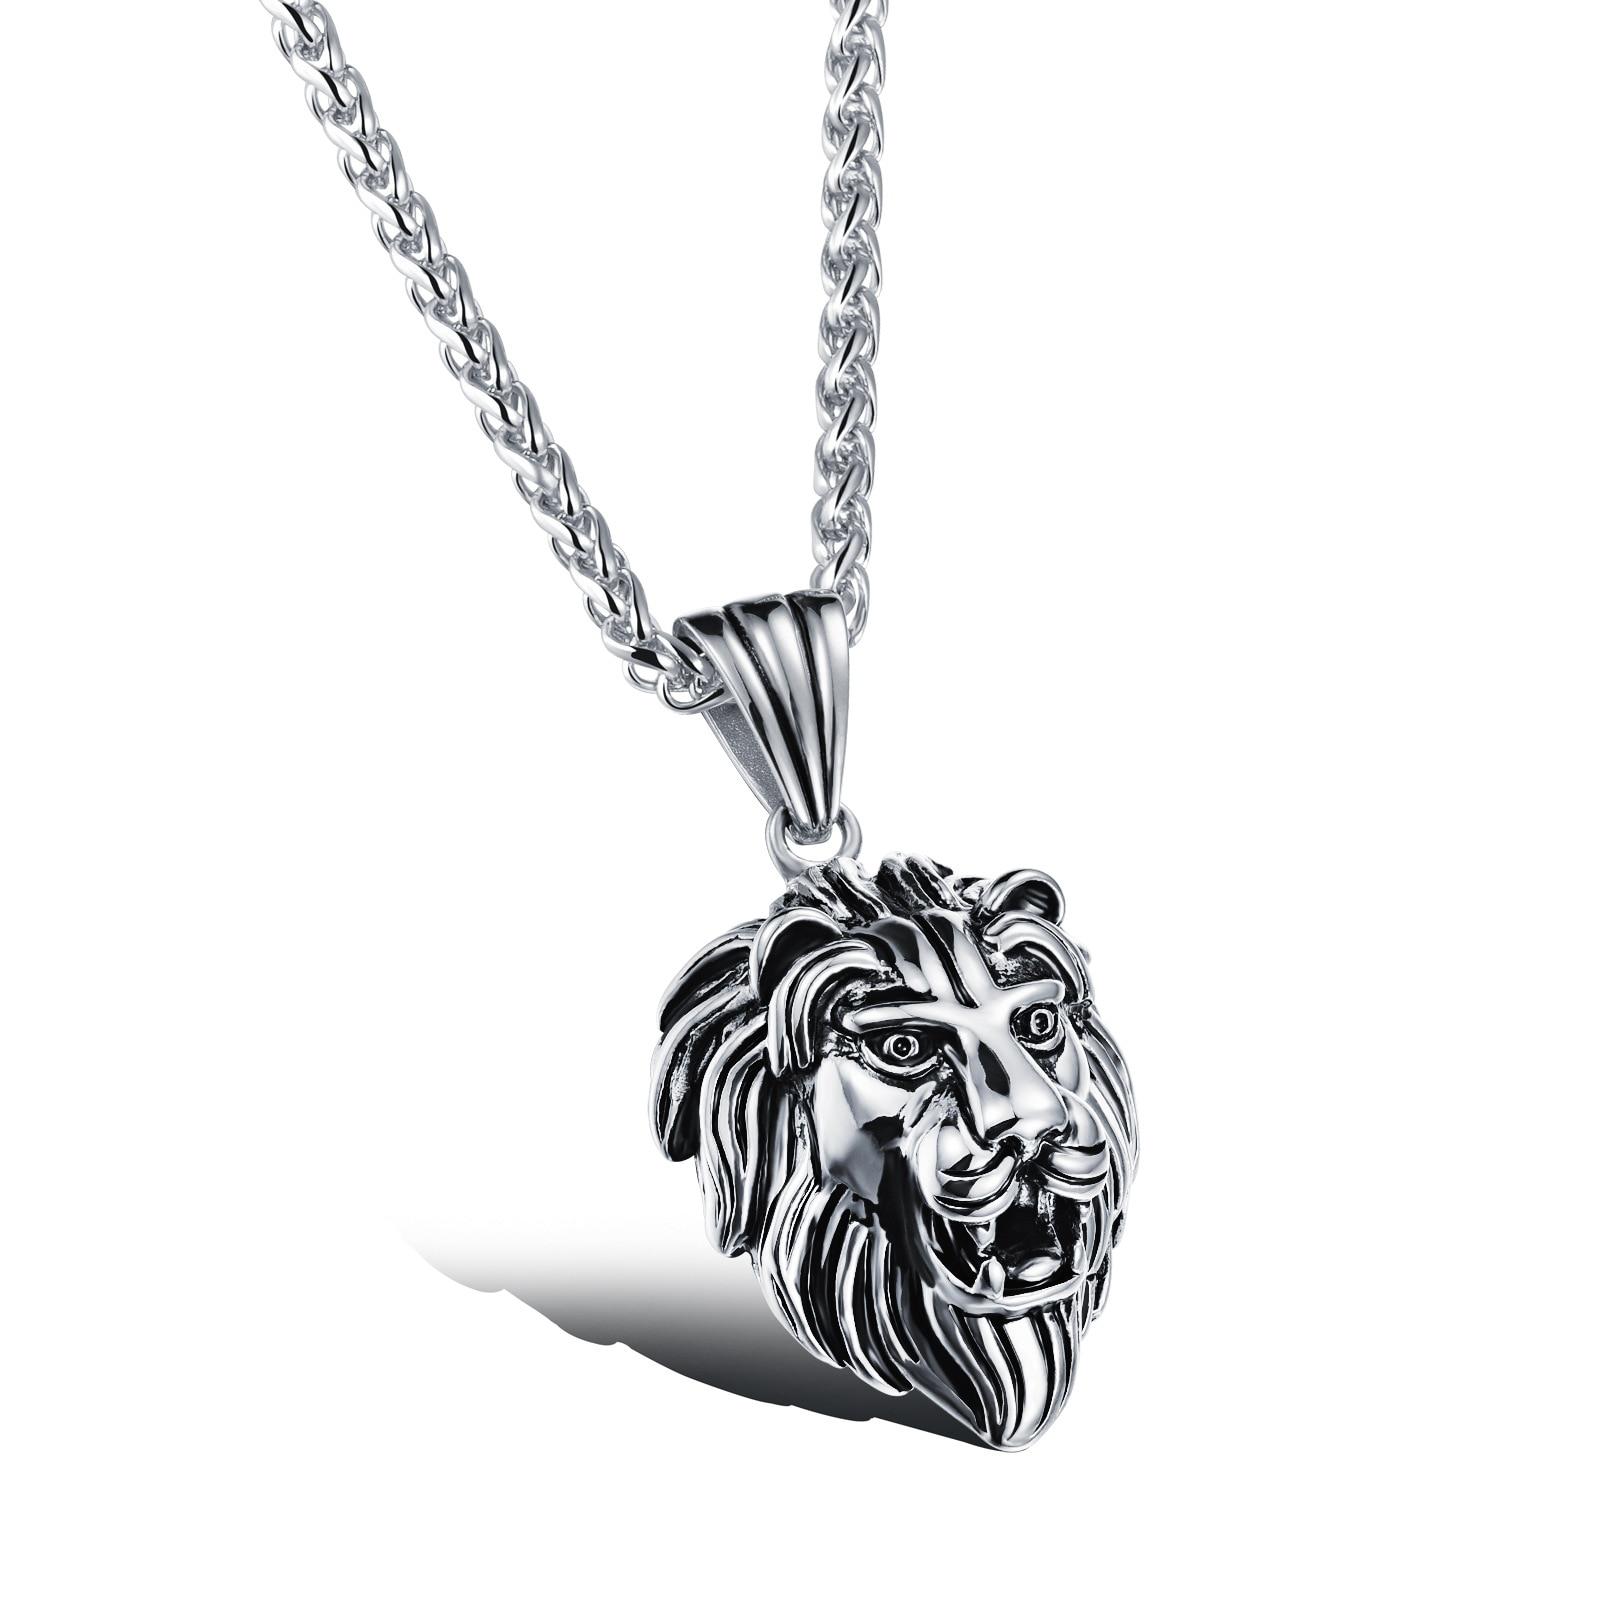 Cantine De Voyage Metallique ჱ316l steel lion head man's pendant necklaces punk style